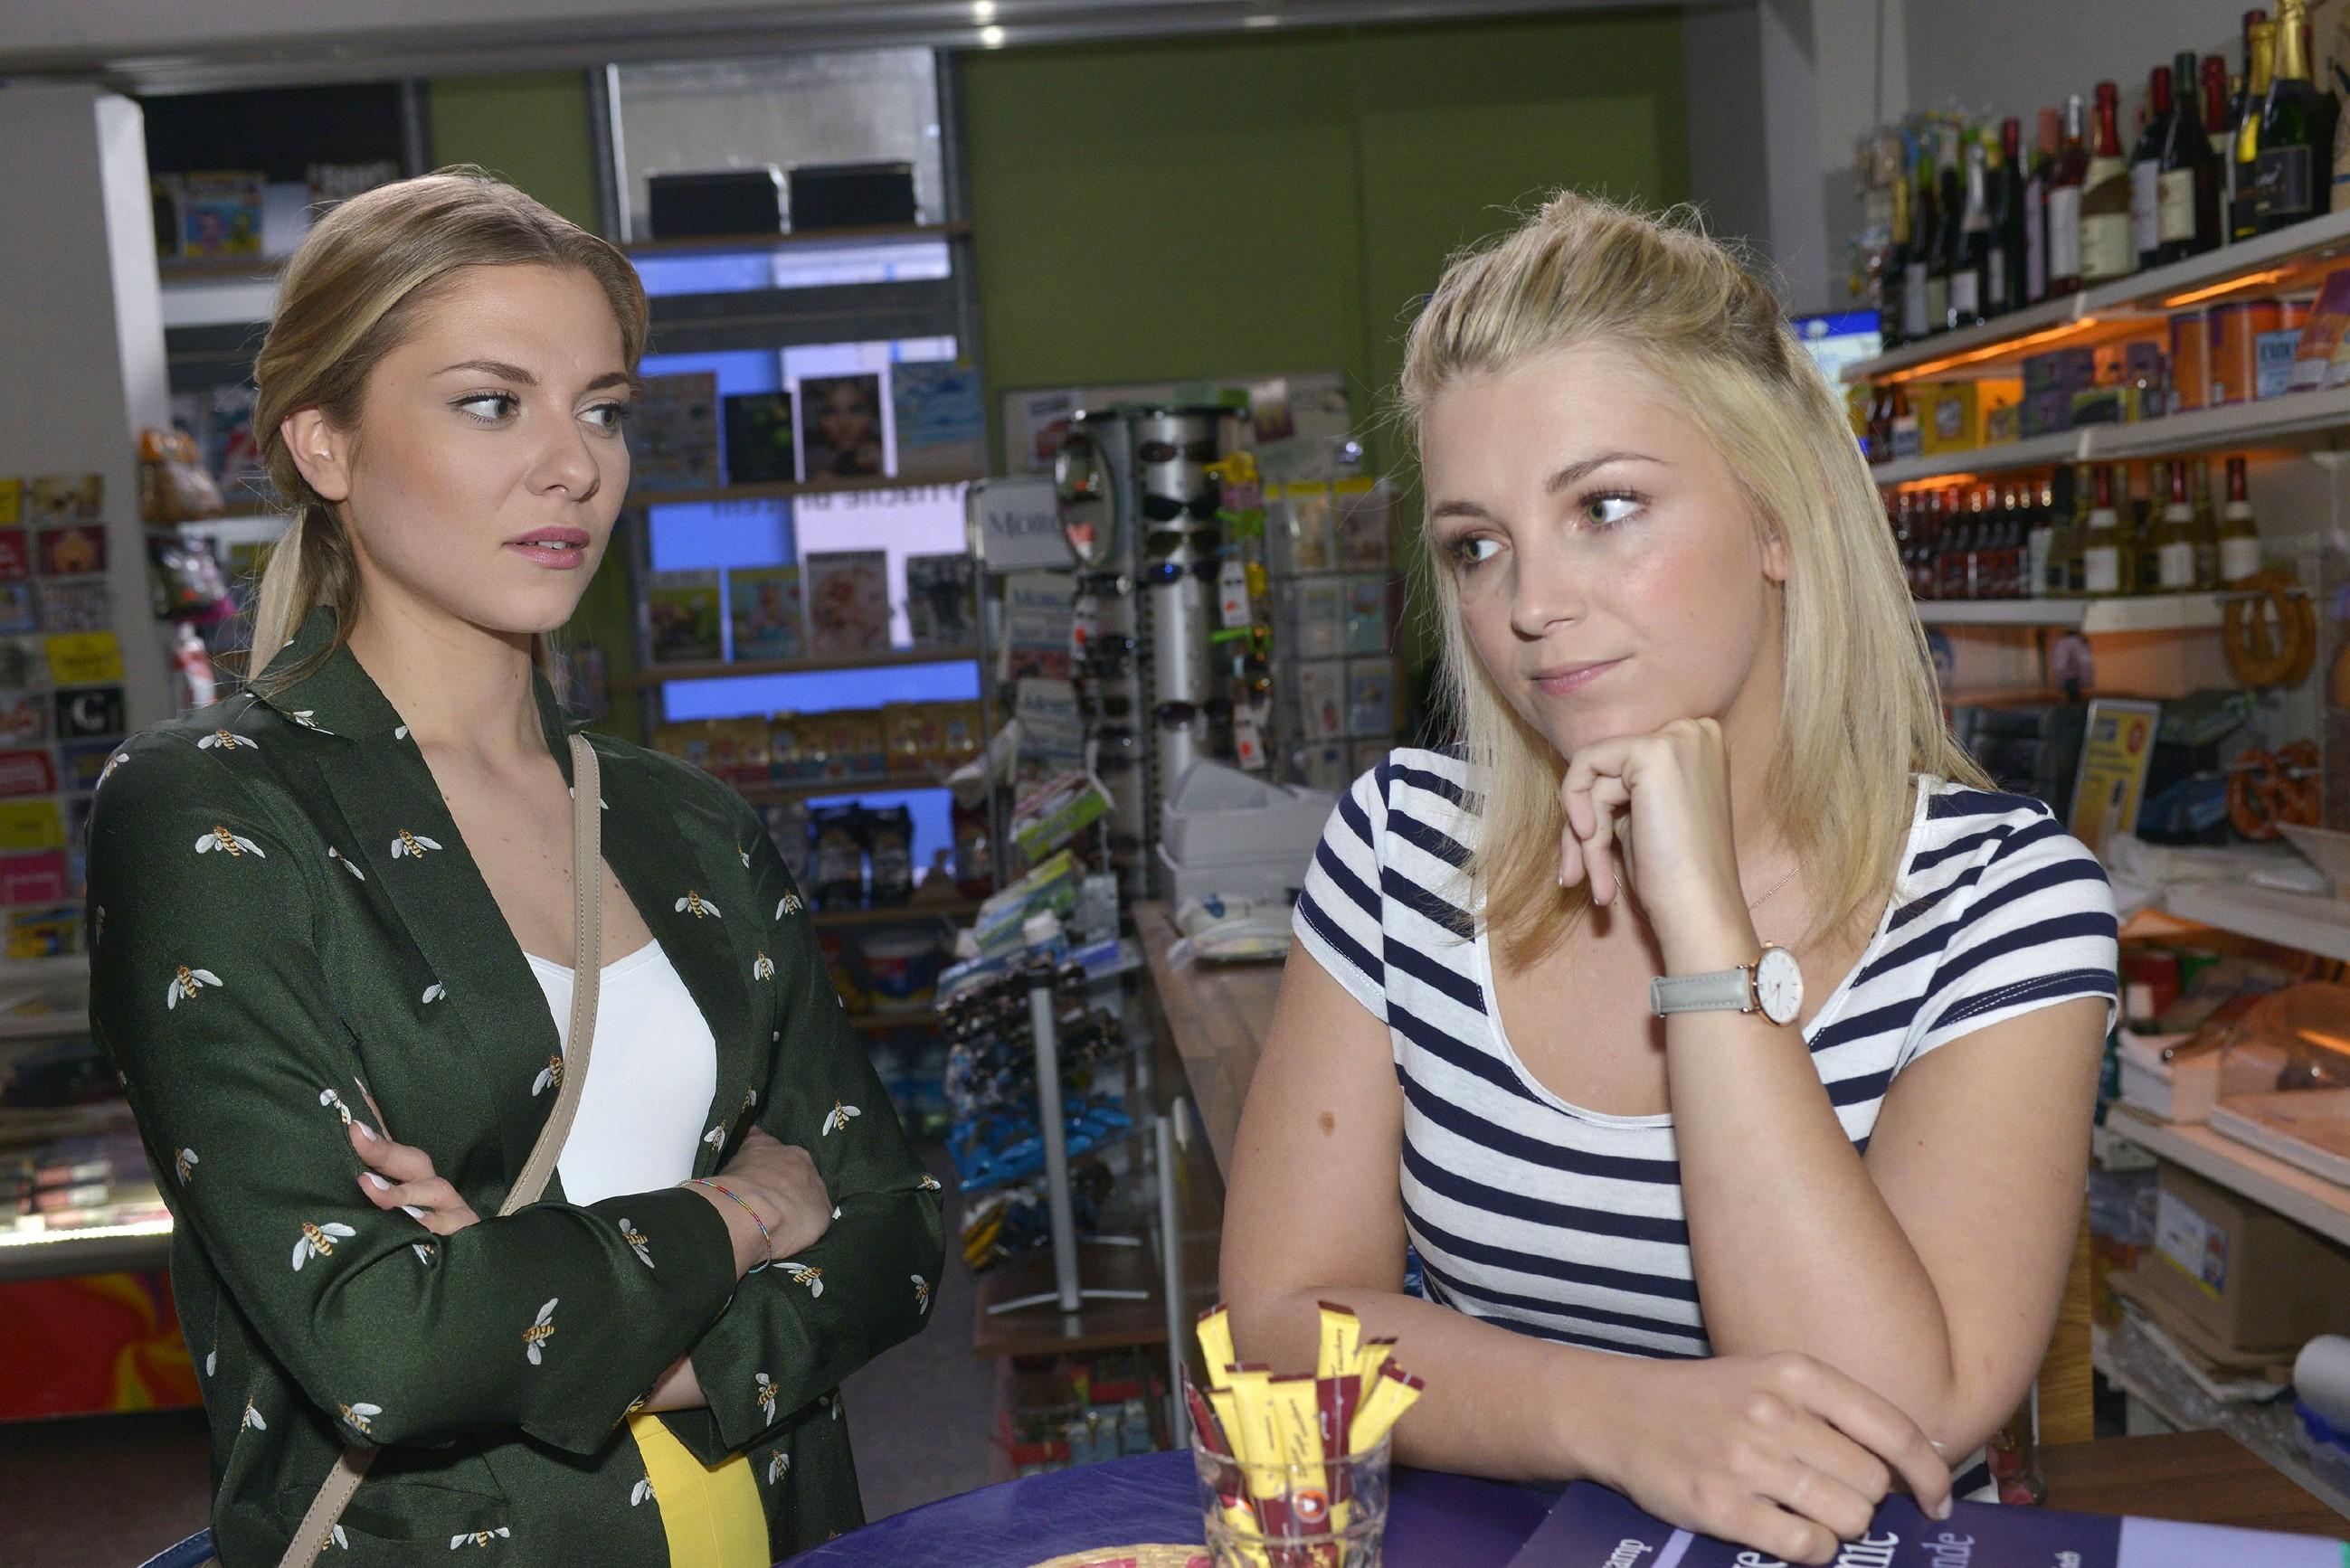 Lilly (Iris Mareike Steen, r.) erzählt Sunny (Valentina Pahde) von ihrer Befürchtung, ihre Freundschaft zu Tuner mit dem Tag auf dem Hausboot aufs Spiel gesetzt zu haben. (Quelle: RTL / Rolf Baumgartner)